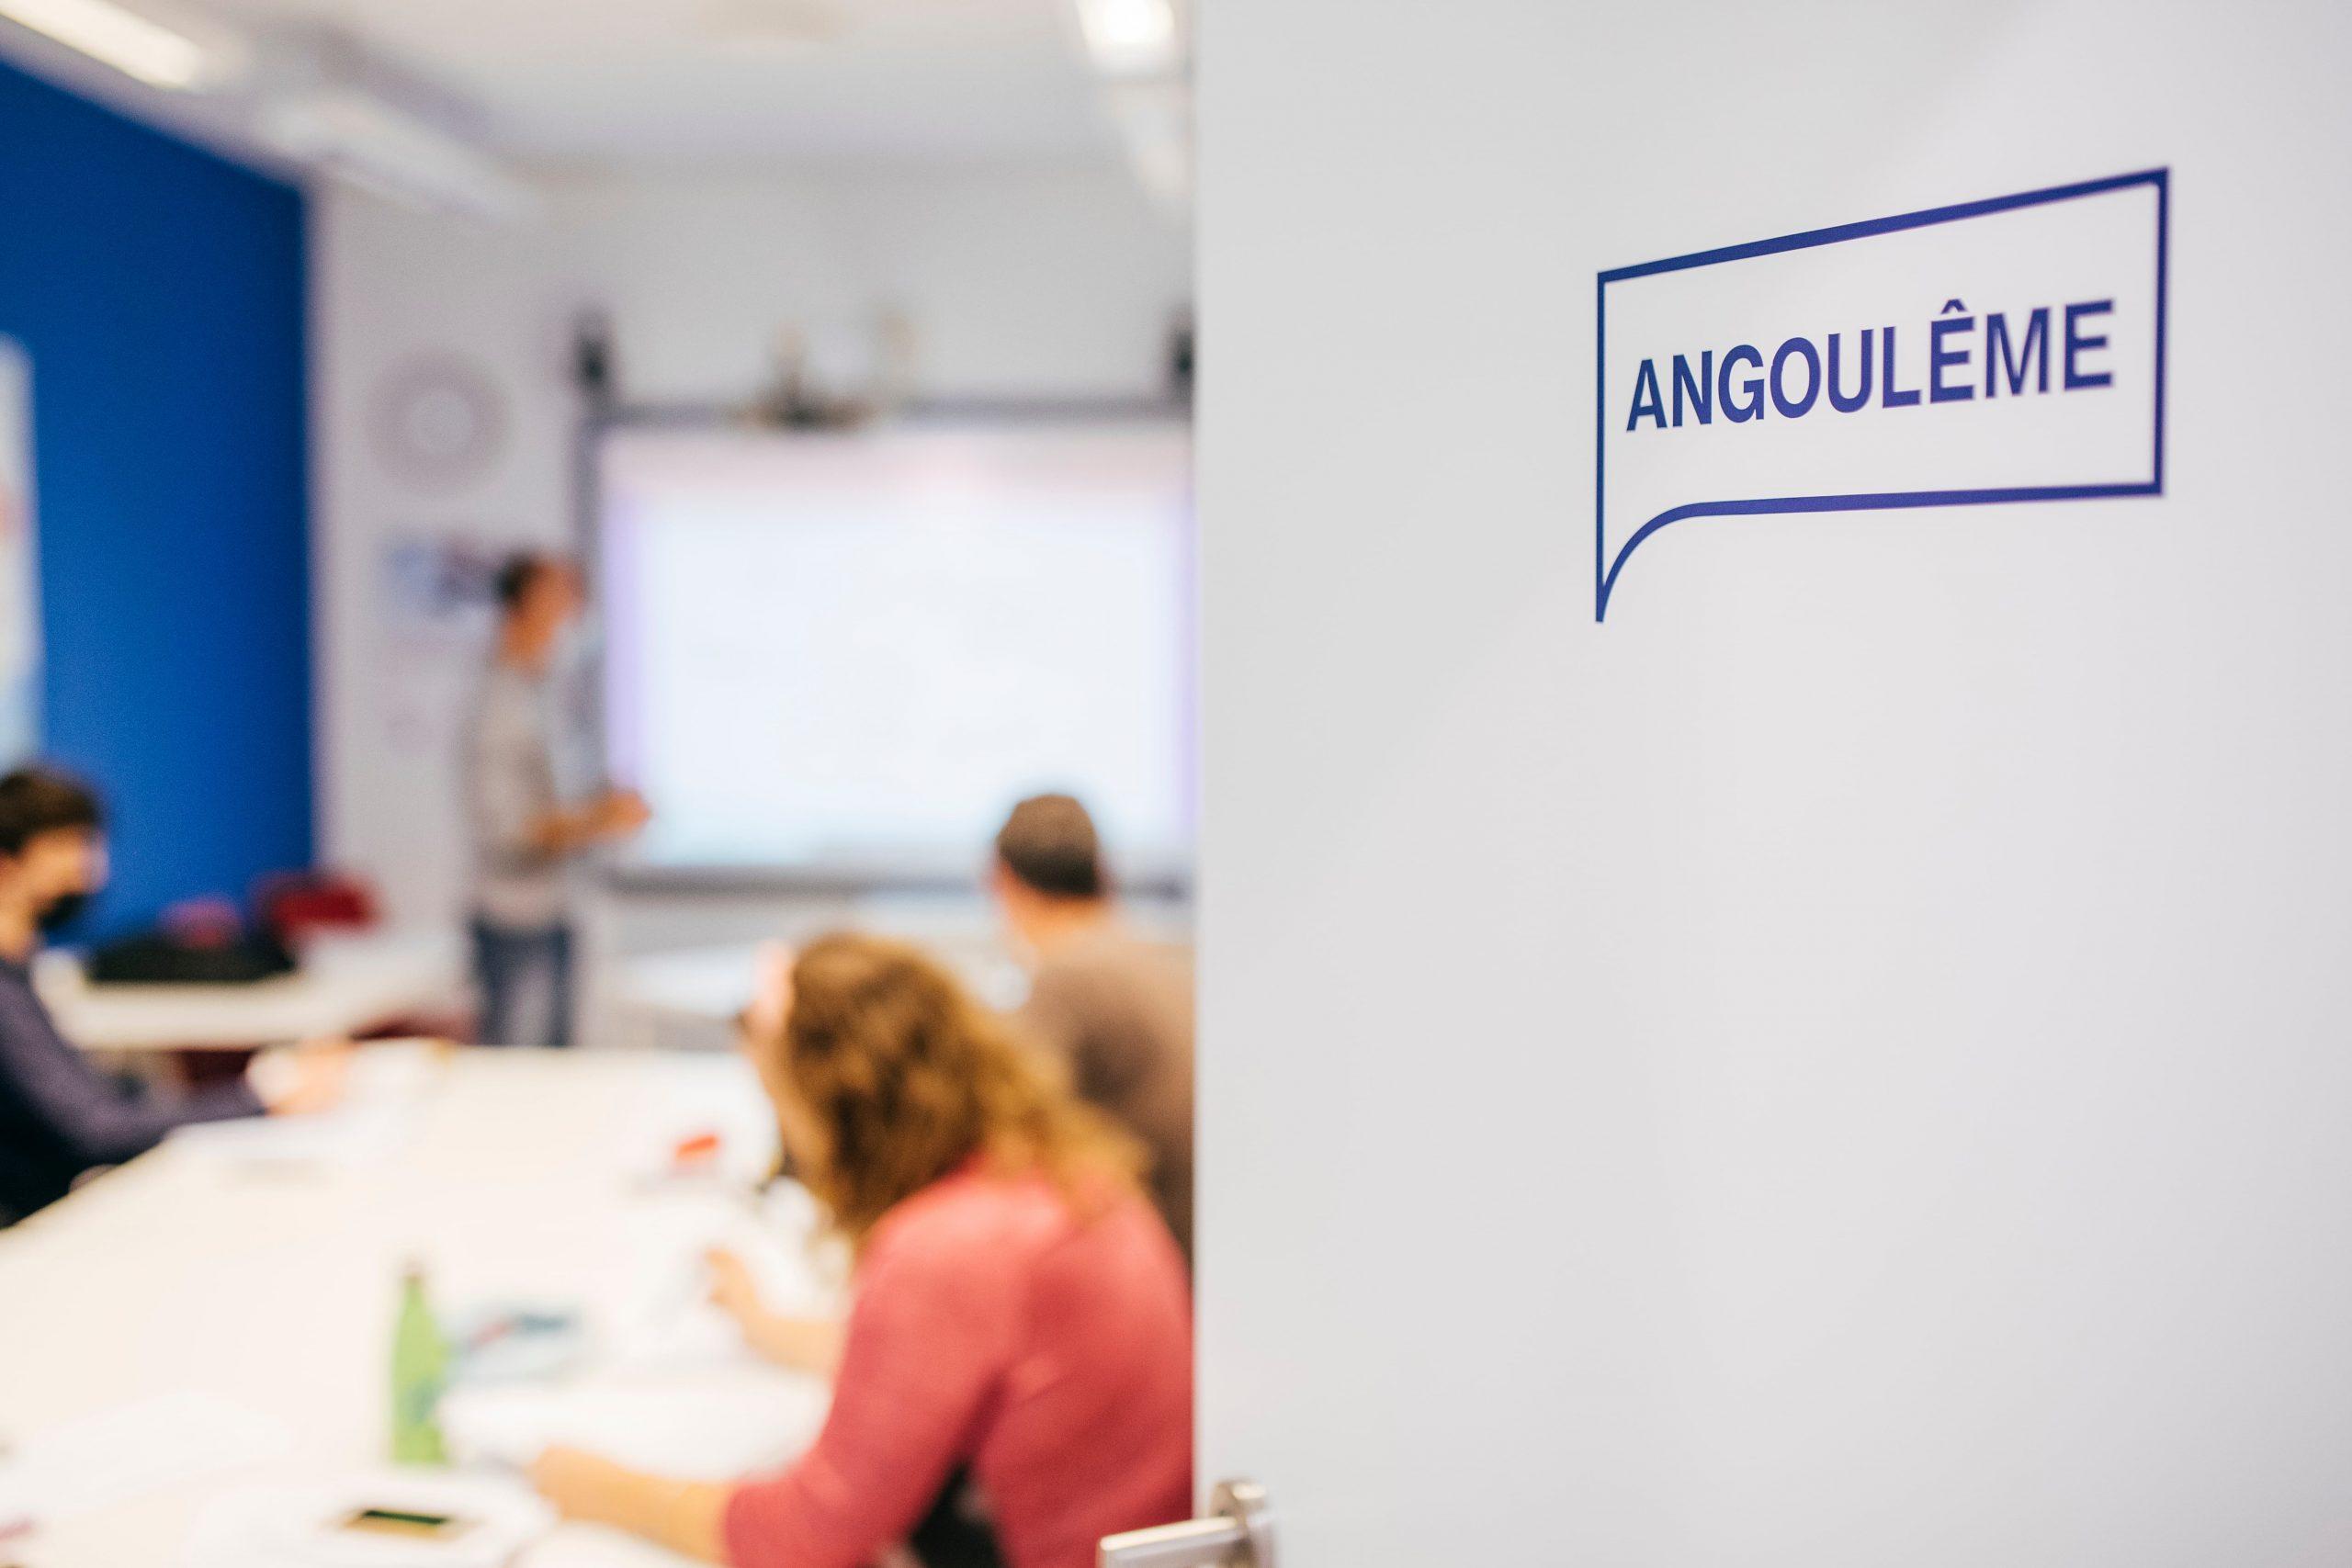 Los adultos tenemos tanta capacidad para aprender francés desde cero como los niños